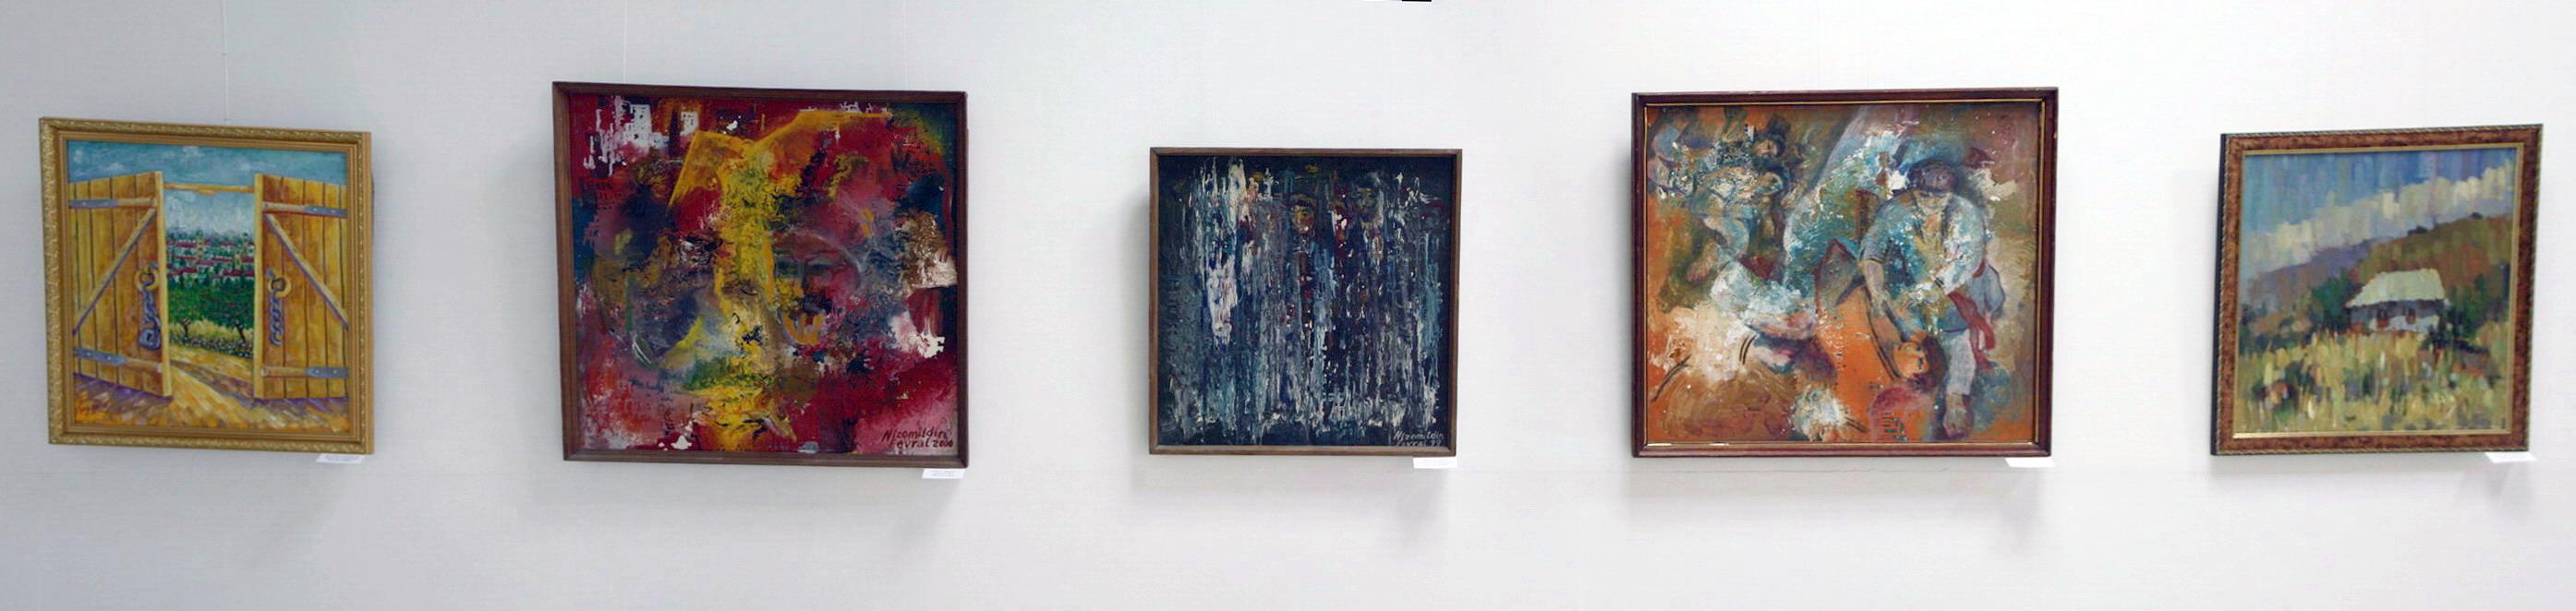 Экспозиция картин художников г. Андижан